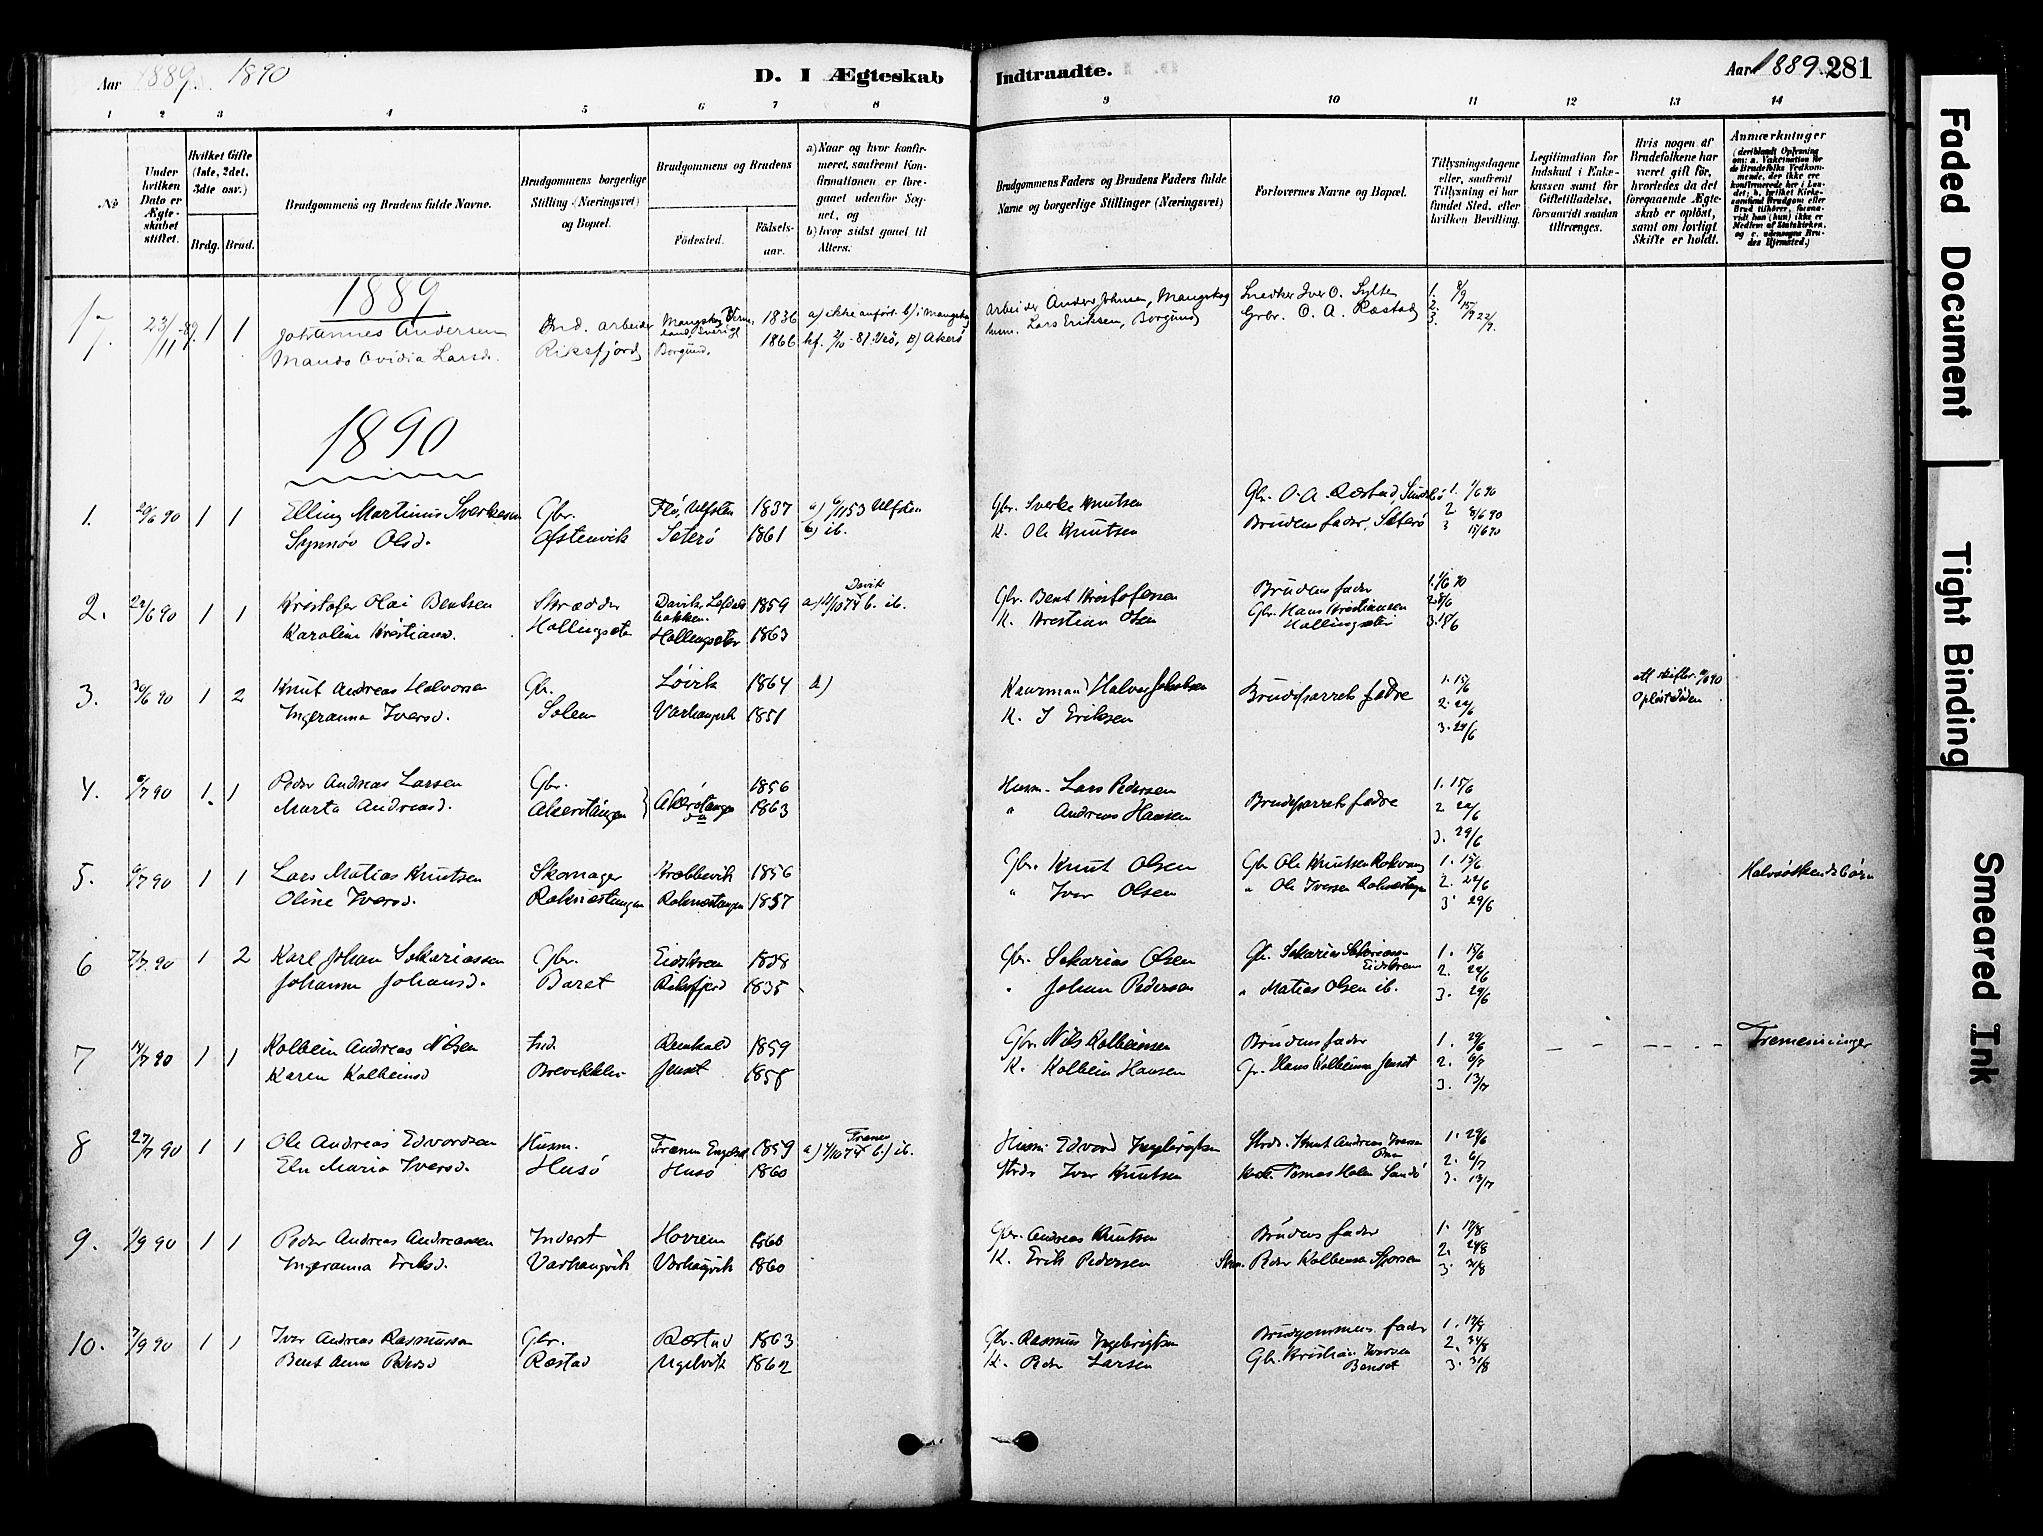 SAT, Ministerialprotokoller, klokkerbøker og fødselsregistre - Møre og Romsdal, 560/L0721: Ministerialbok nr. 560A05, 1878-1917, s. 281